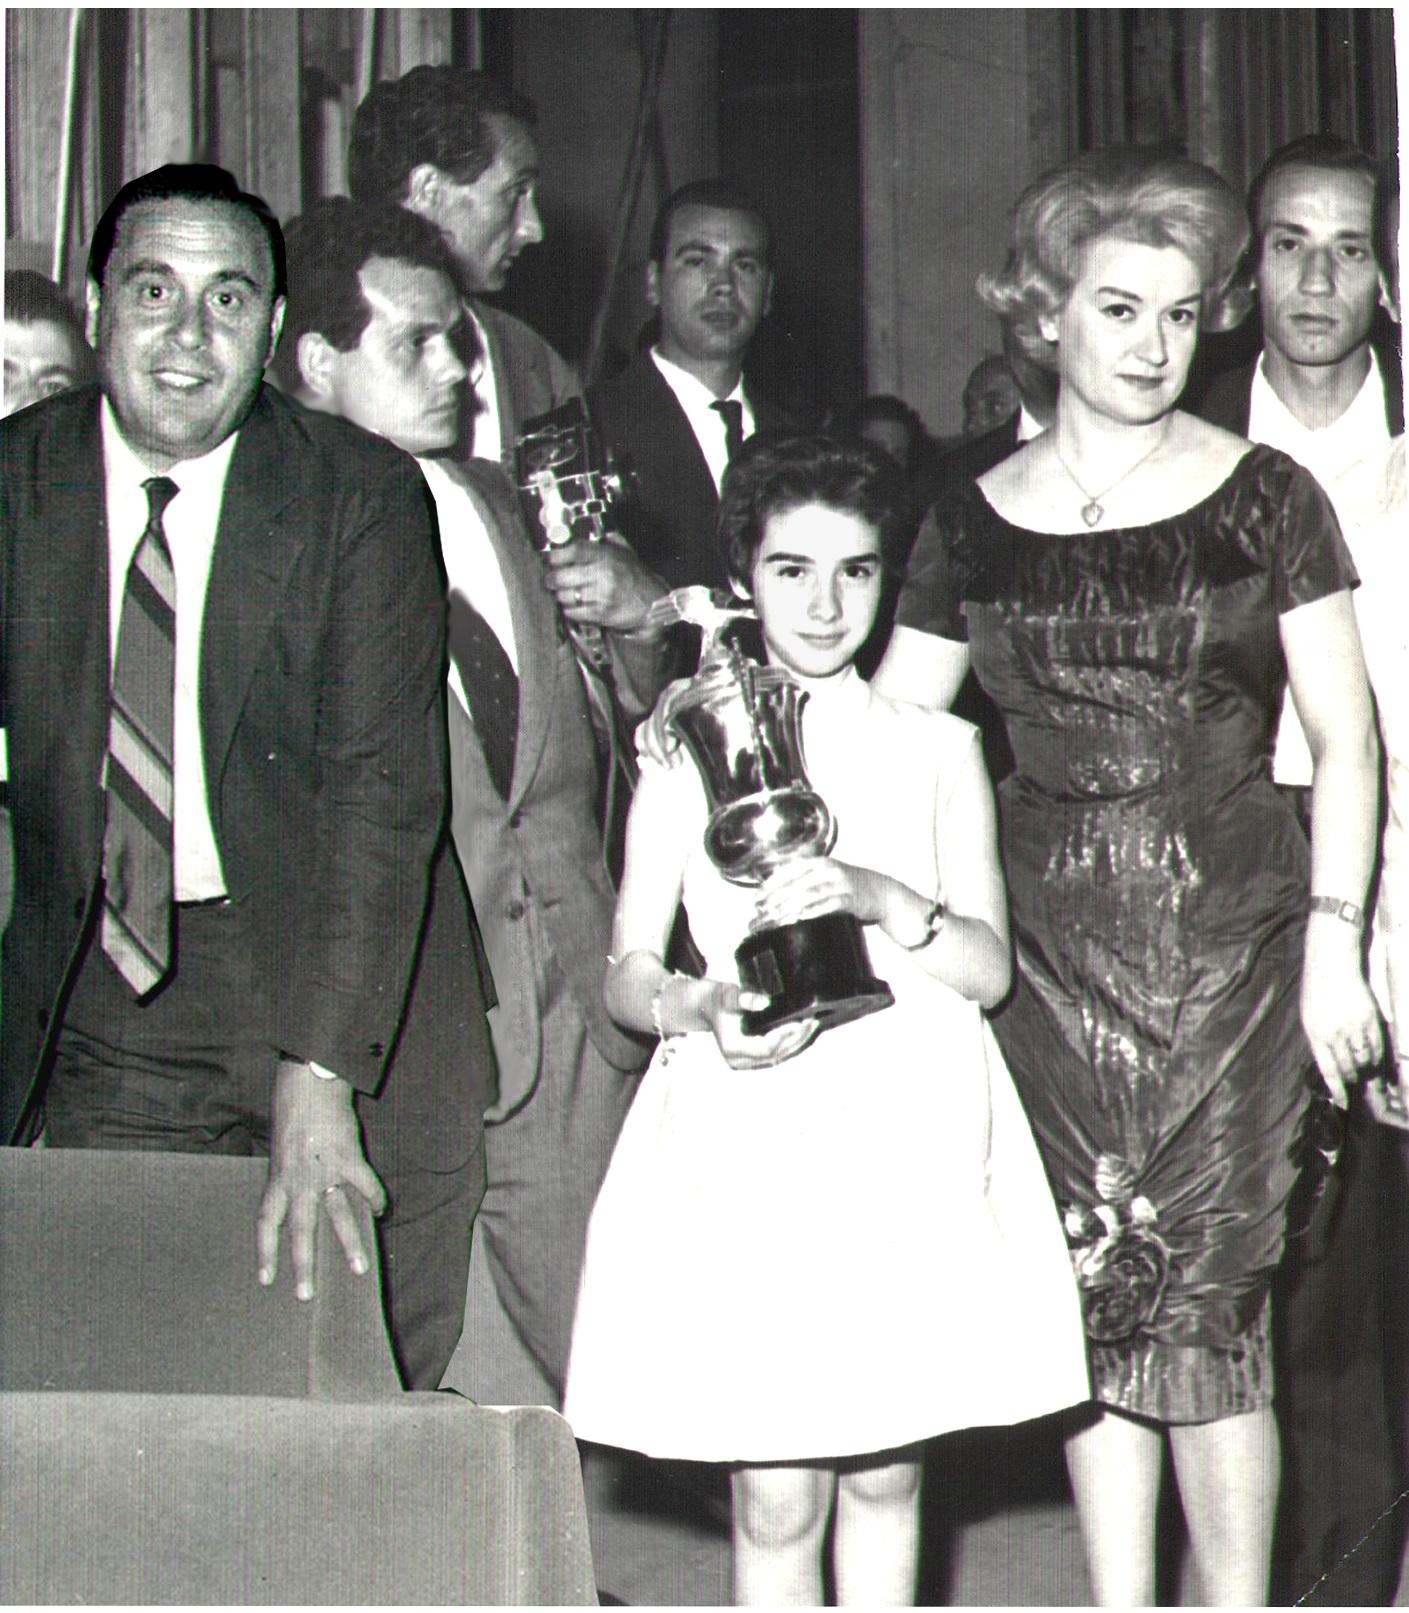 Umberto Martucci e Flo Sandon's subito dopo la vittoria al Festival di Napoli del 1960 con Serenata a Mergelliina